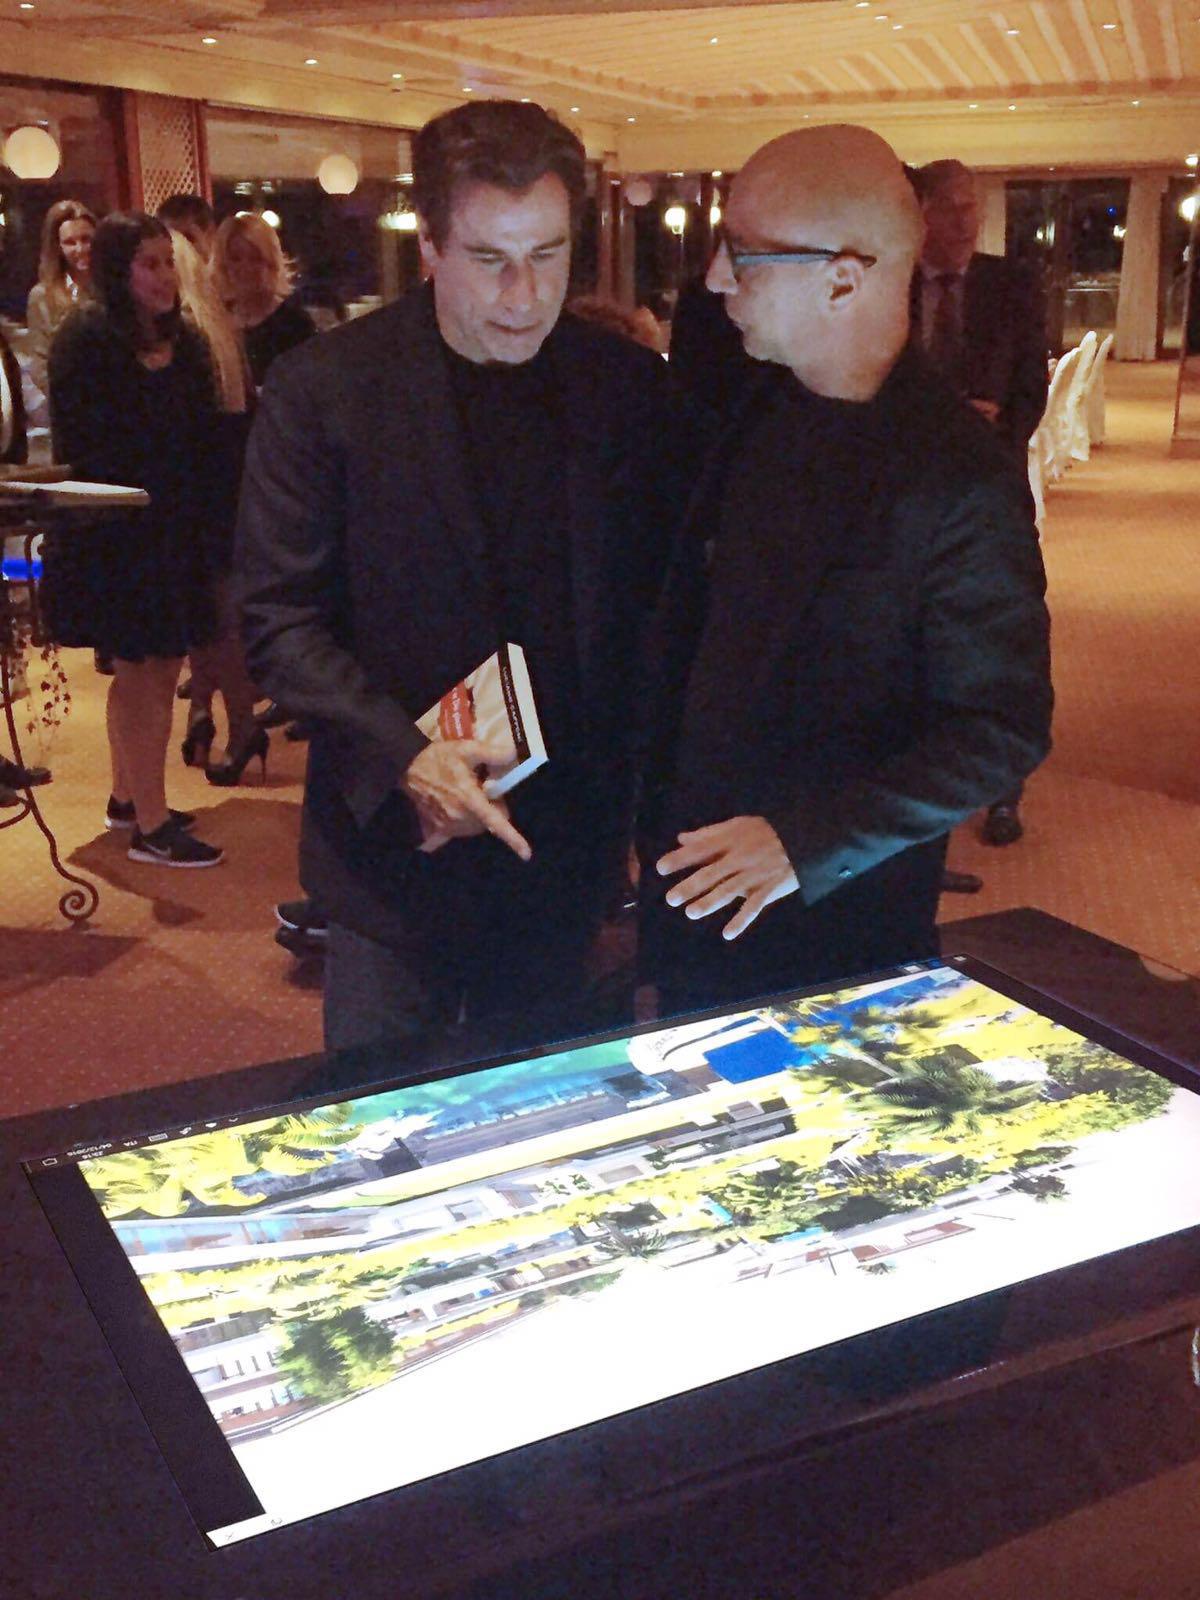 D-table John Travolta